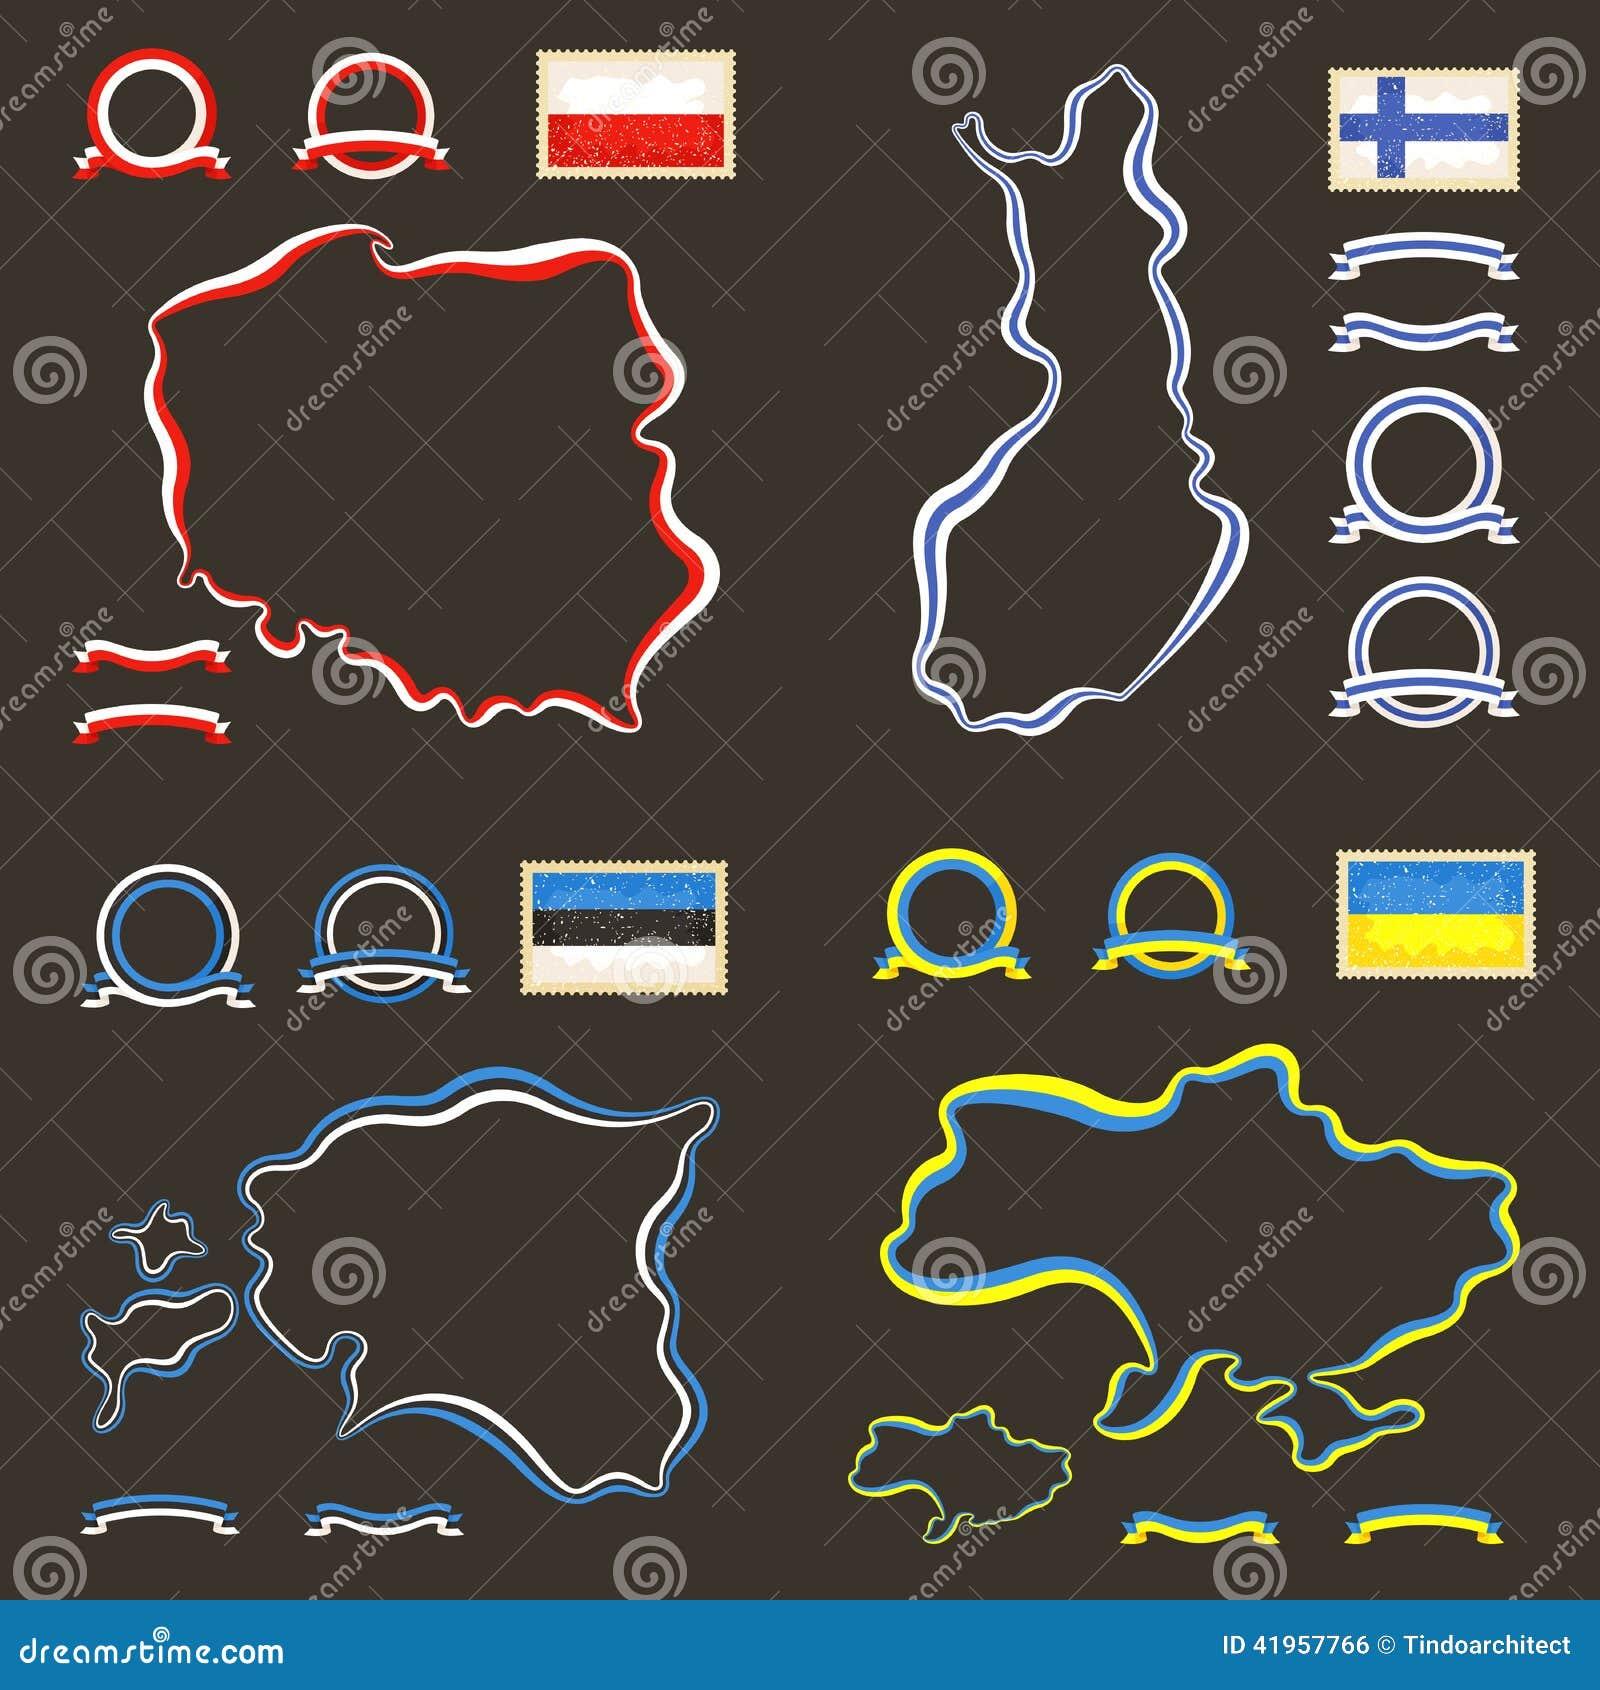 Ukraine Map Outline Colors Of Poland, Finl...